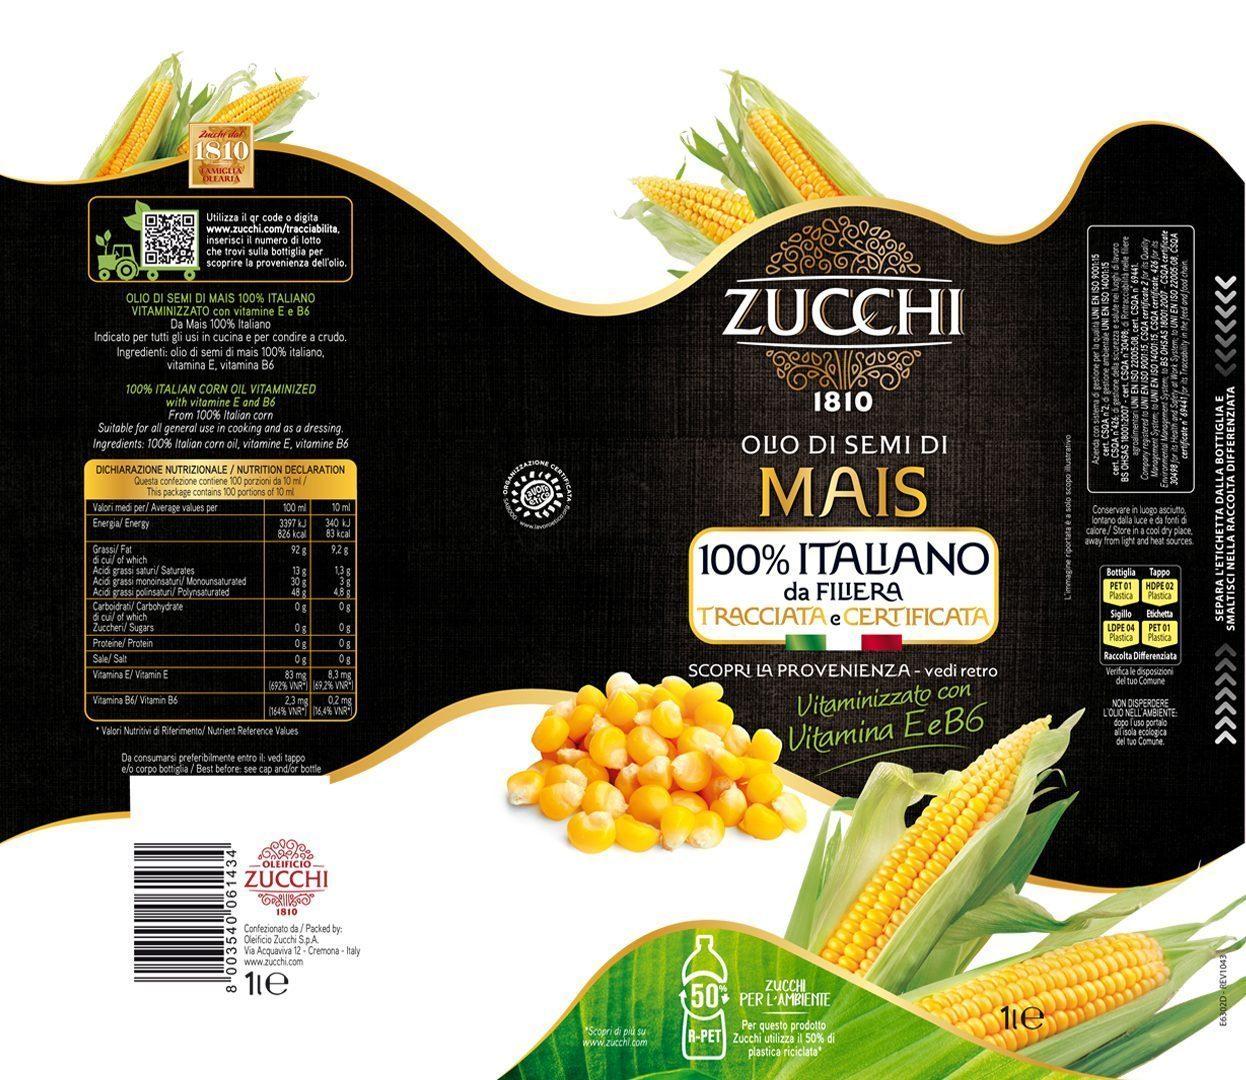 Etichetta Zucchi Sleeve Mais